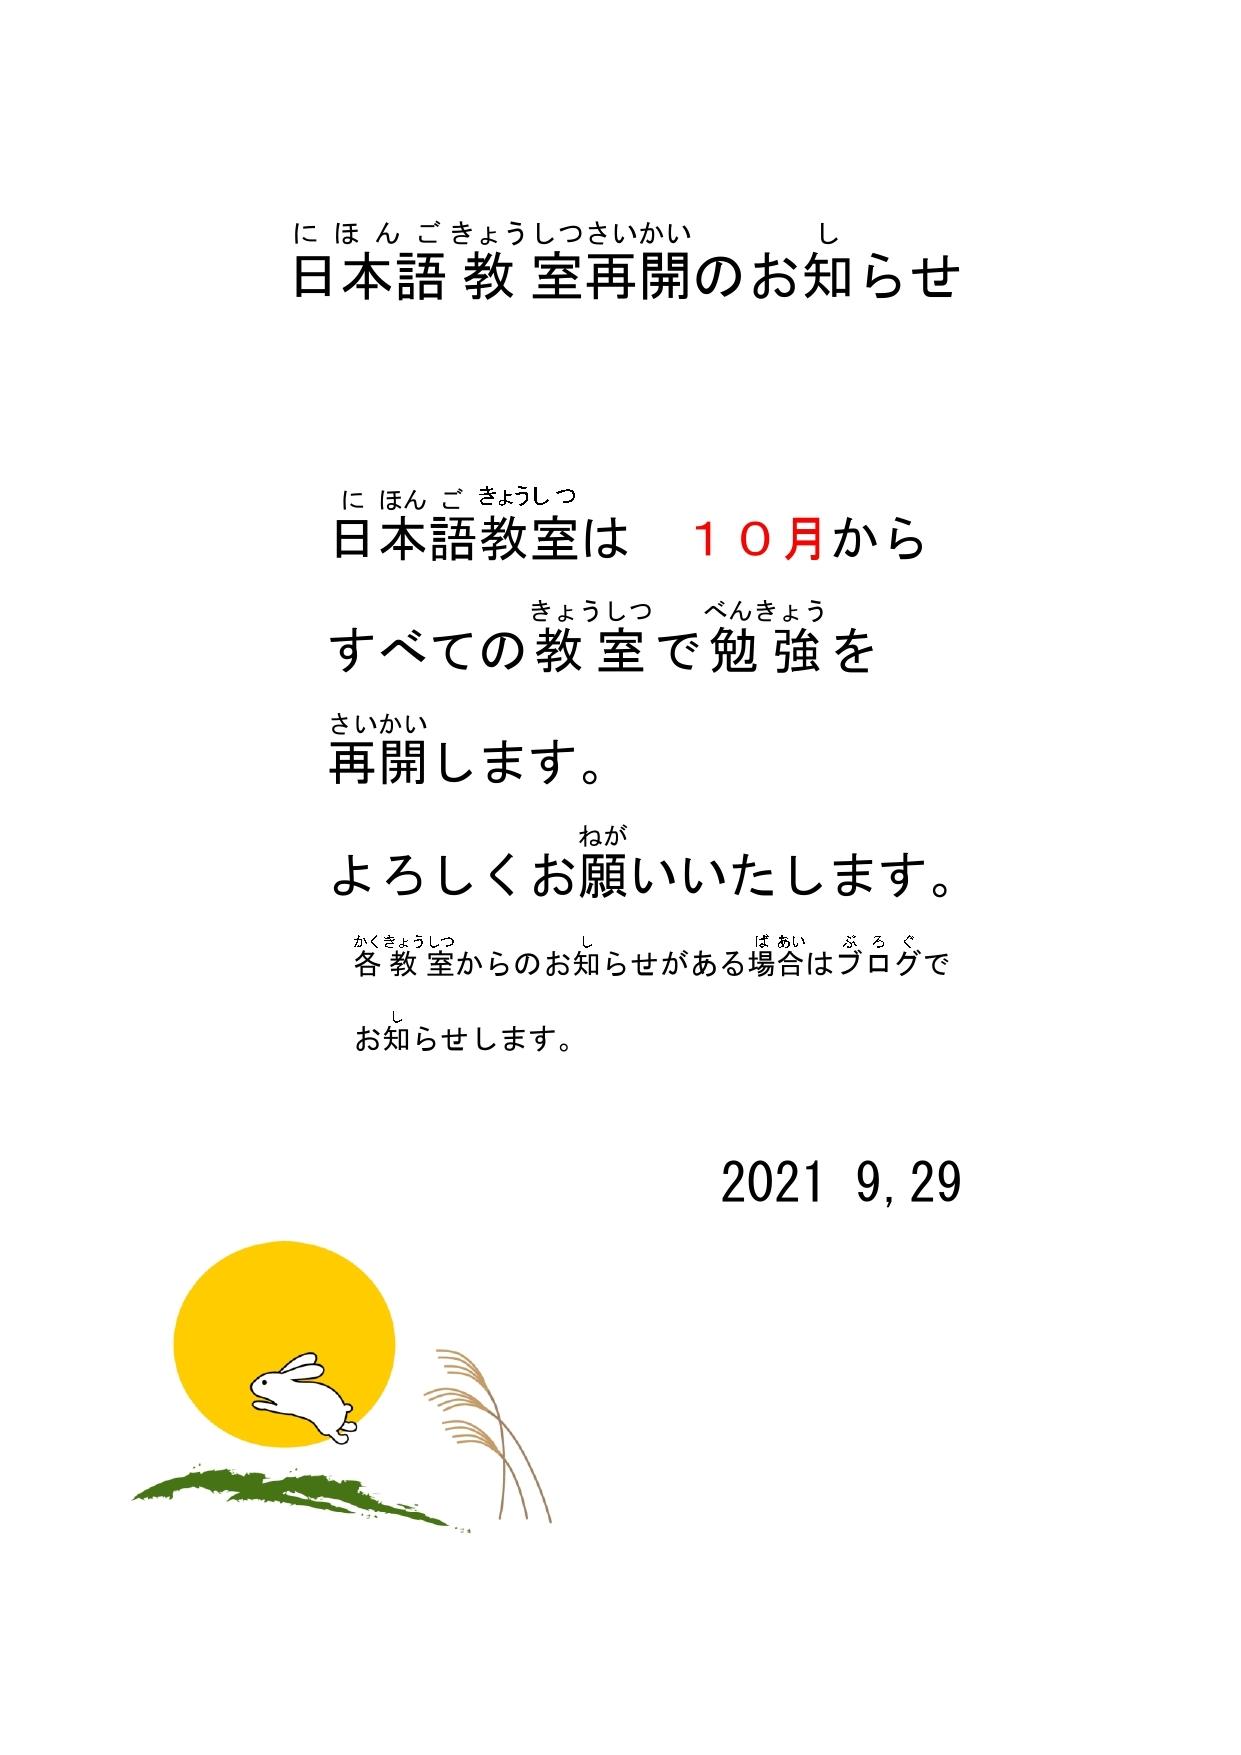 教室活動再開のお知らせ_e0175020_12250286.jpg